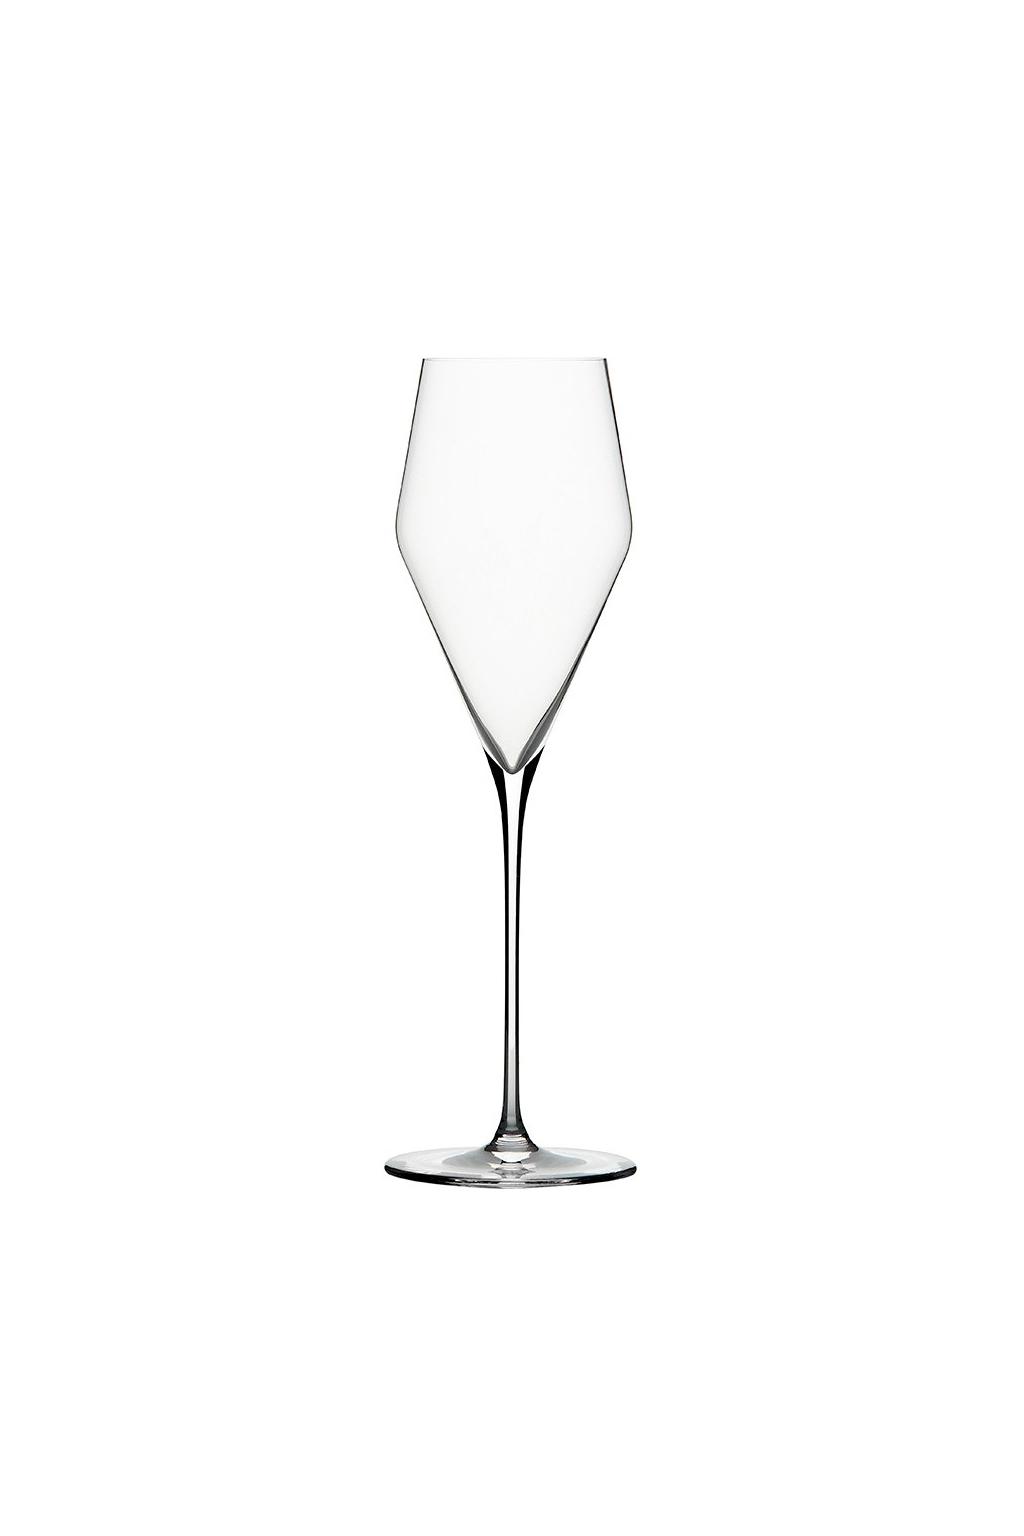 DENK'ART sklo Champagne